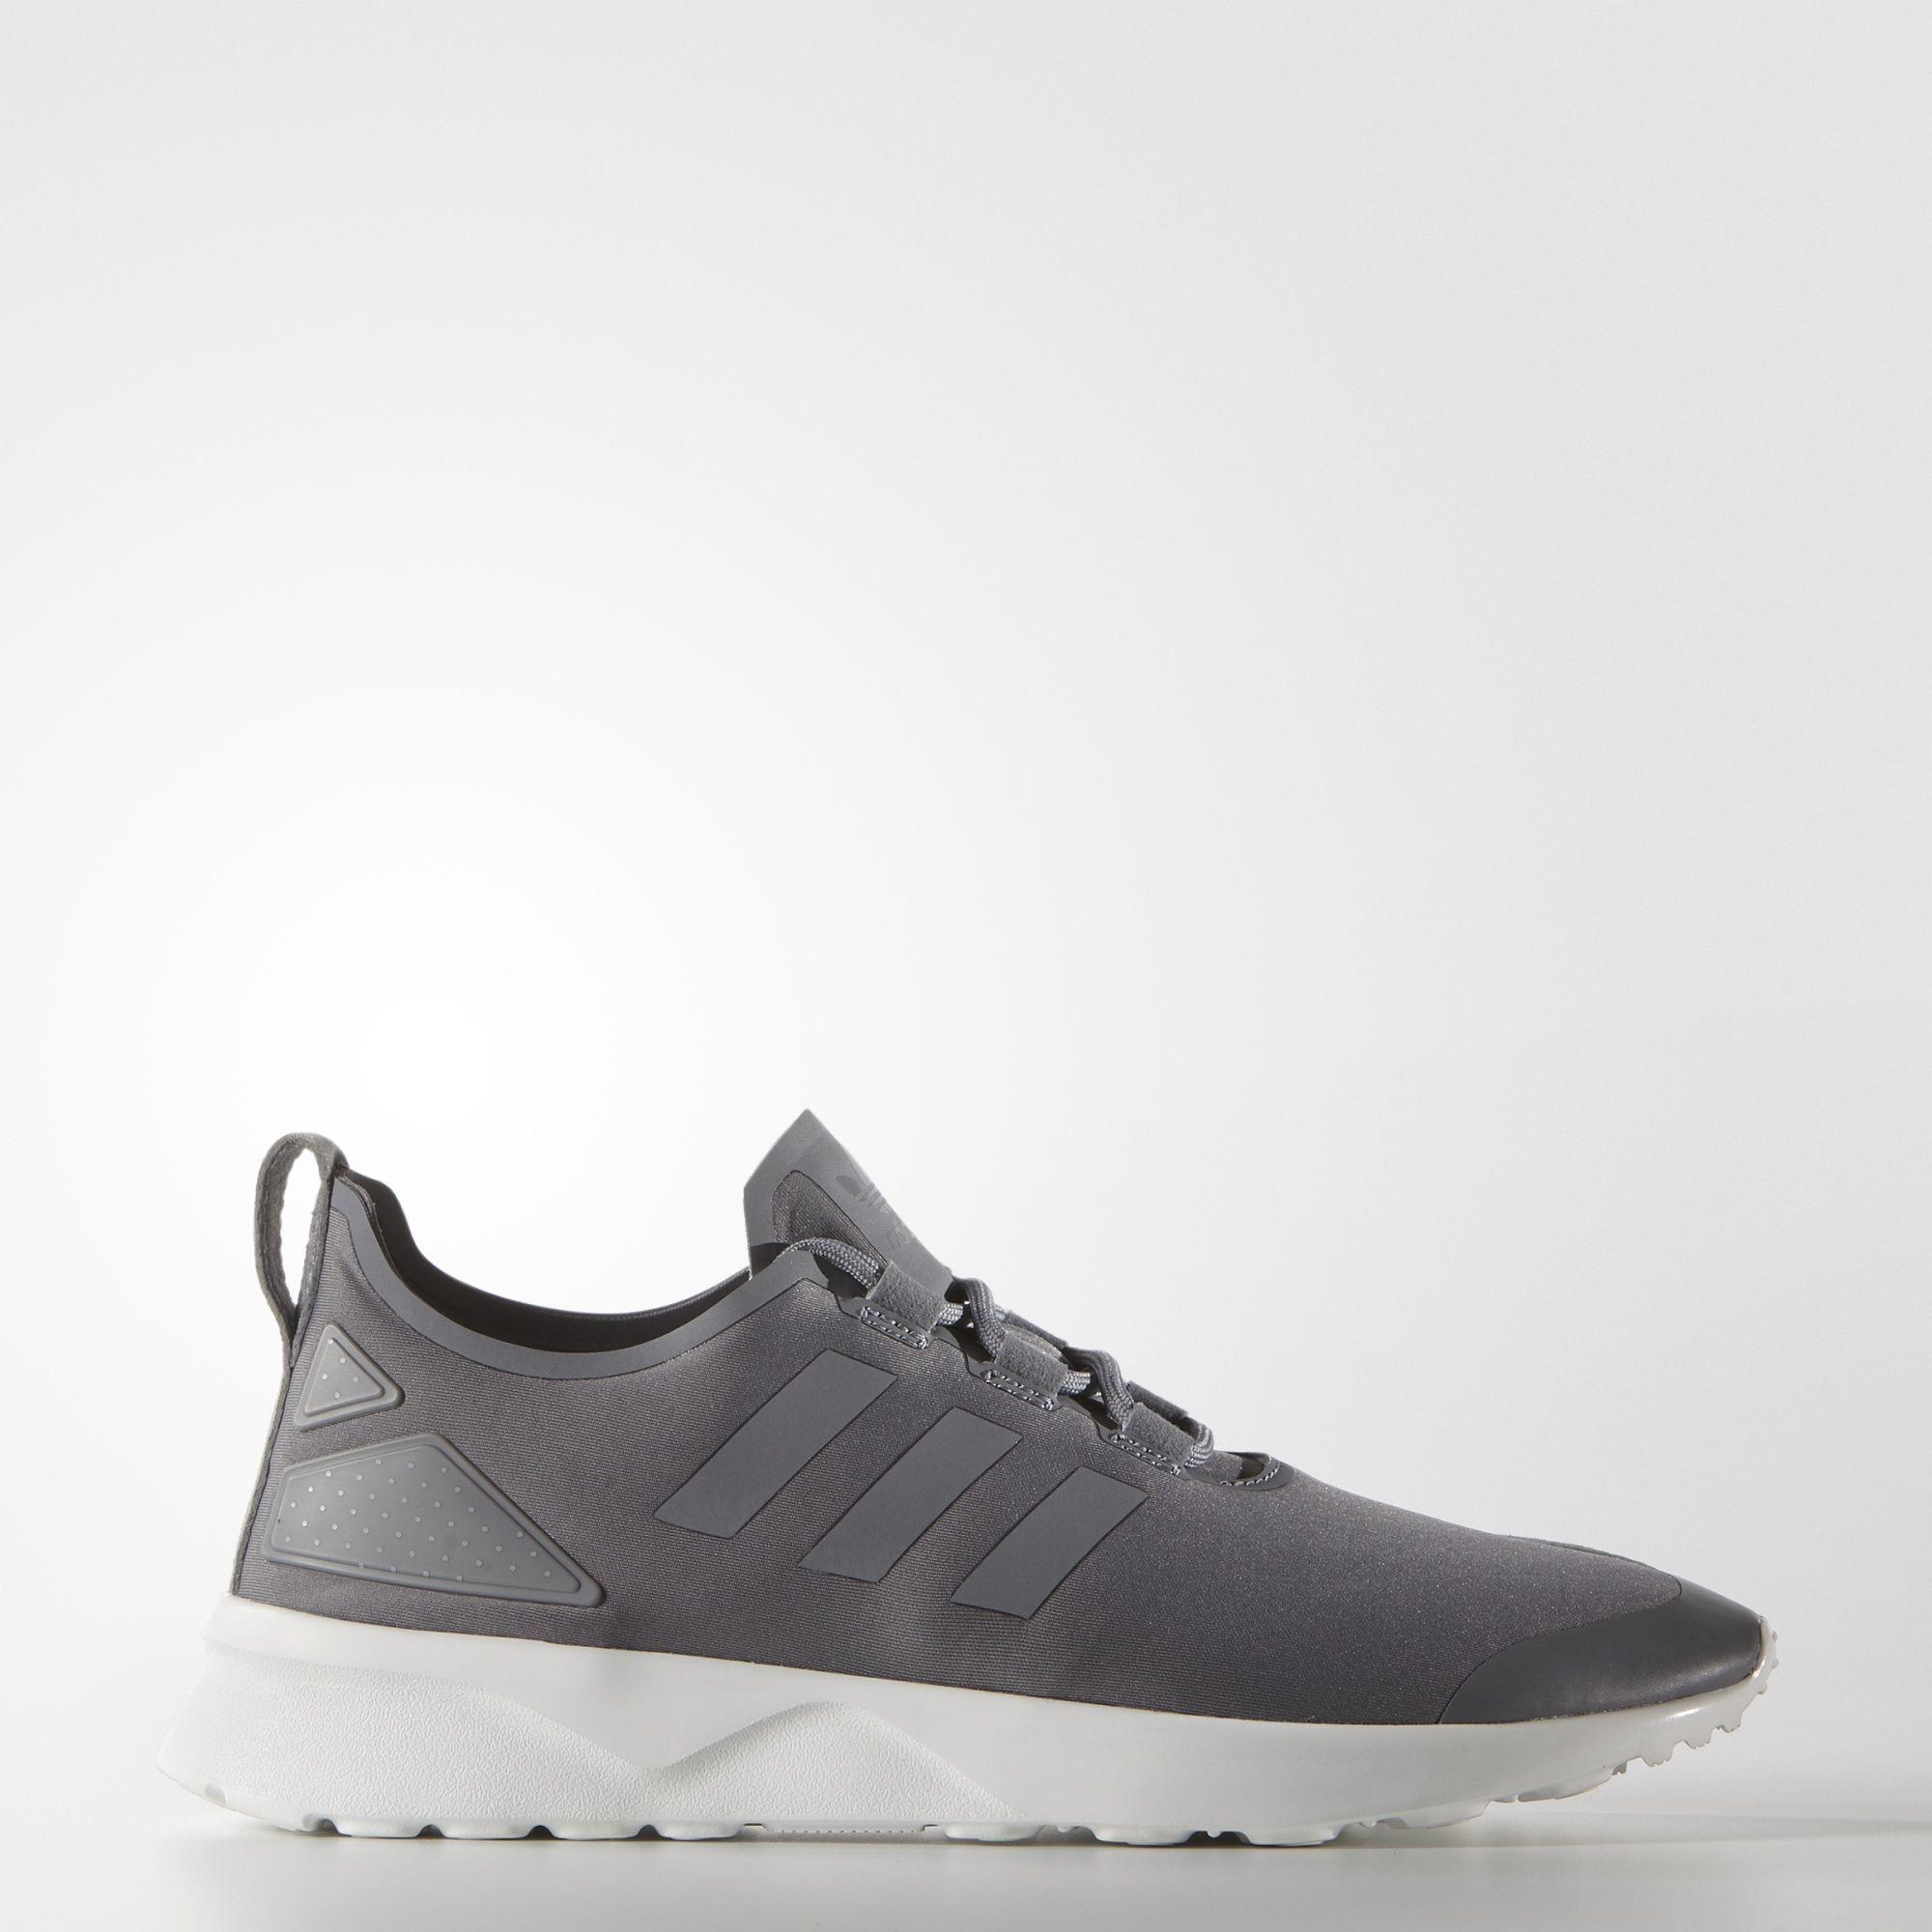 Adidas Zx Flux Verve Grise